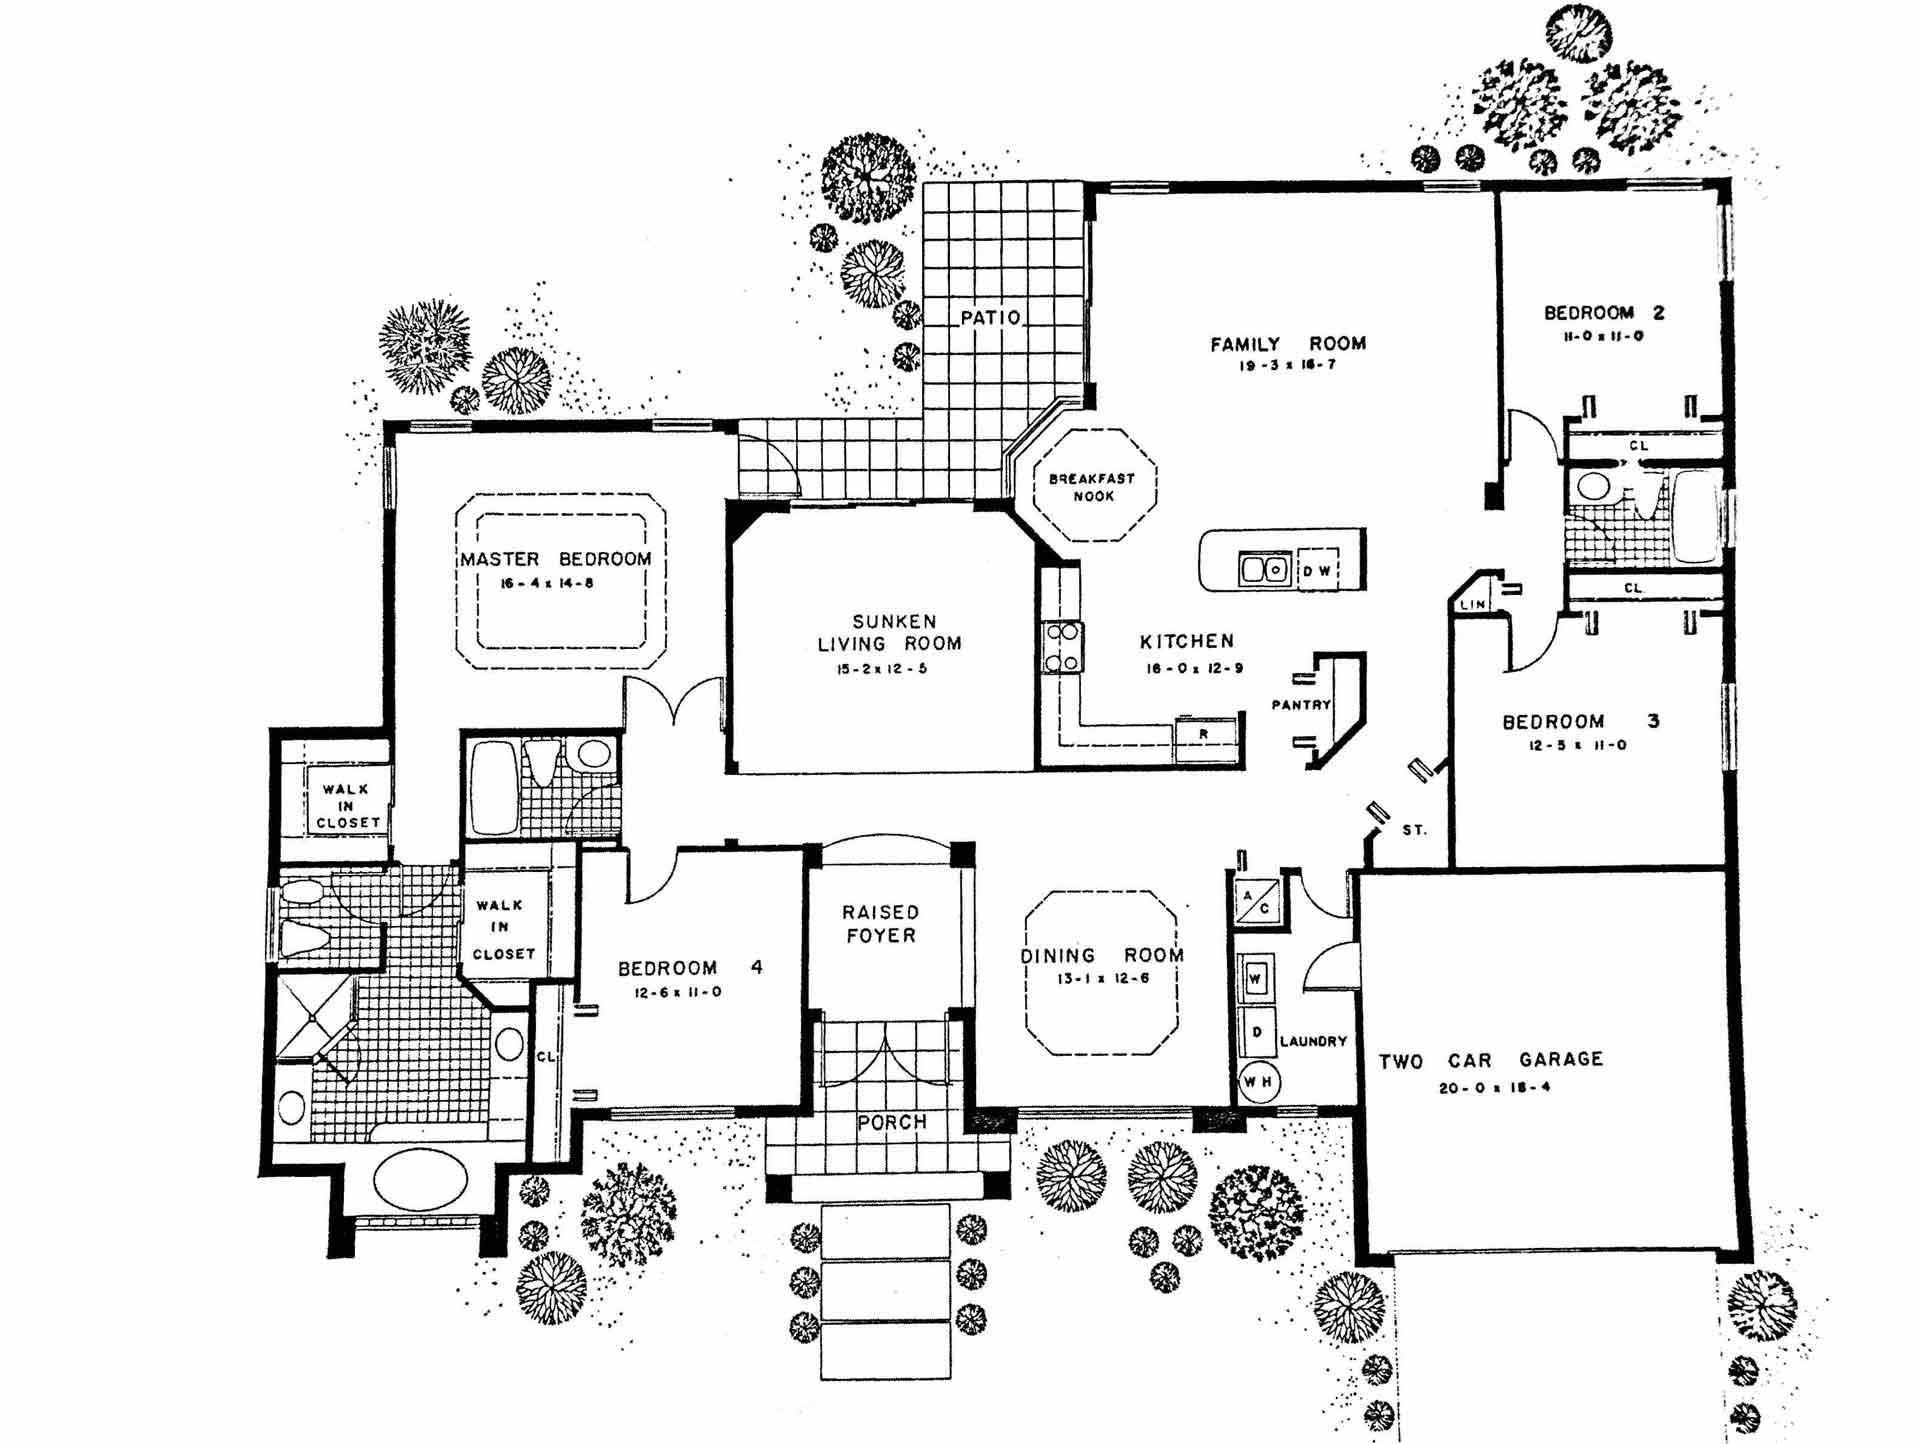 amethyst-custom-home-sketch-floor-plan